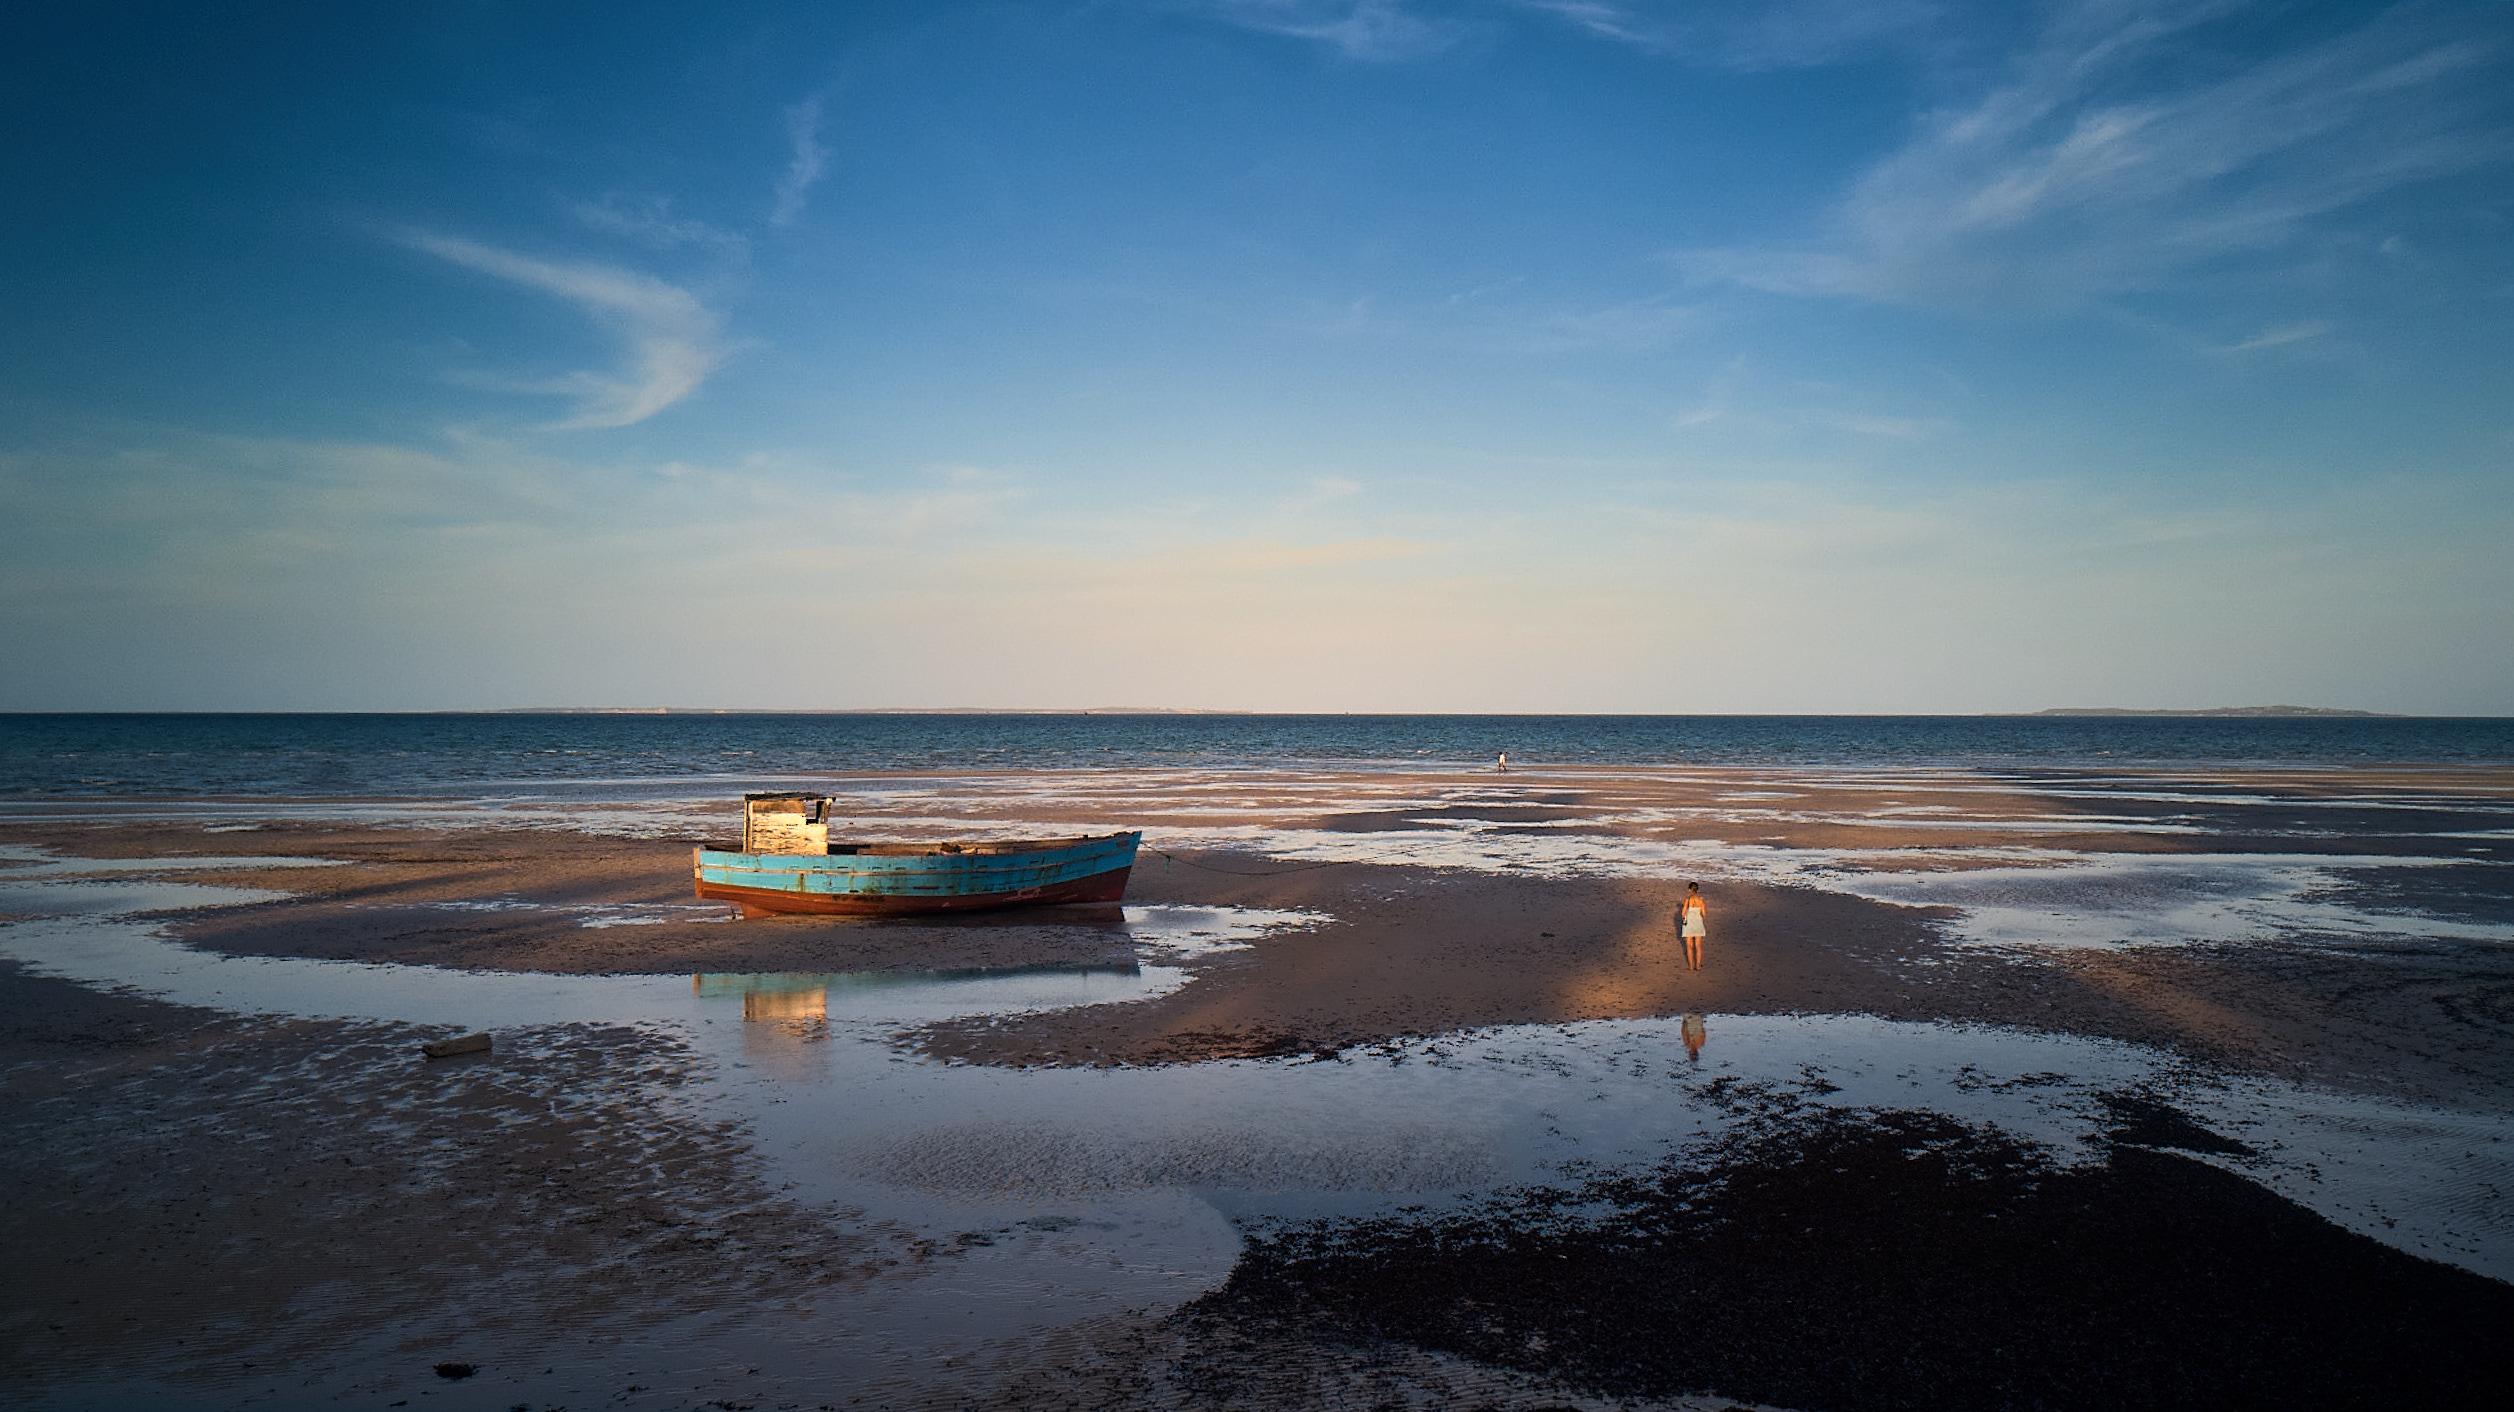 Barco atrapado en la marea baja de Vilanculos, Mozambique